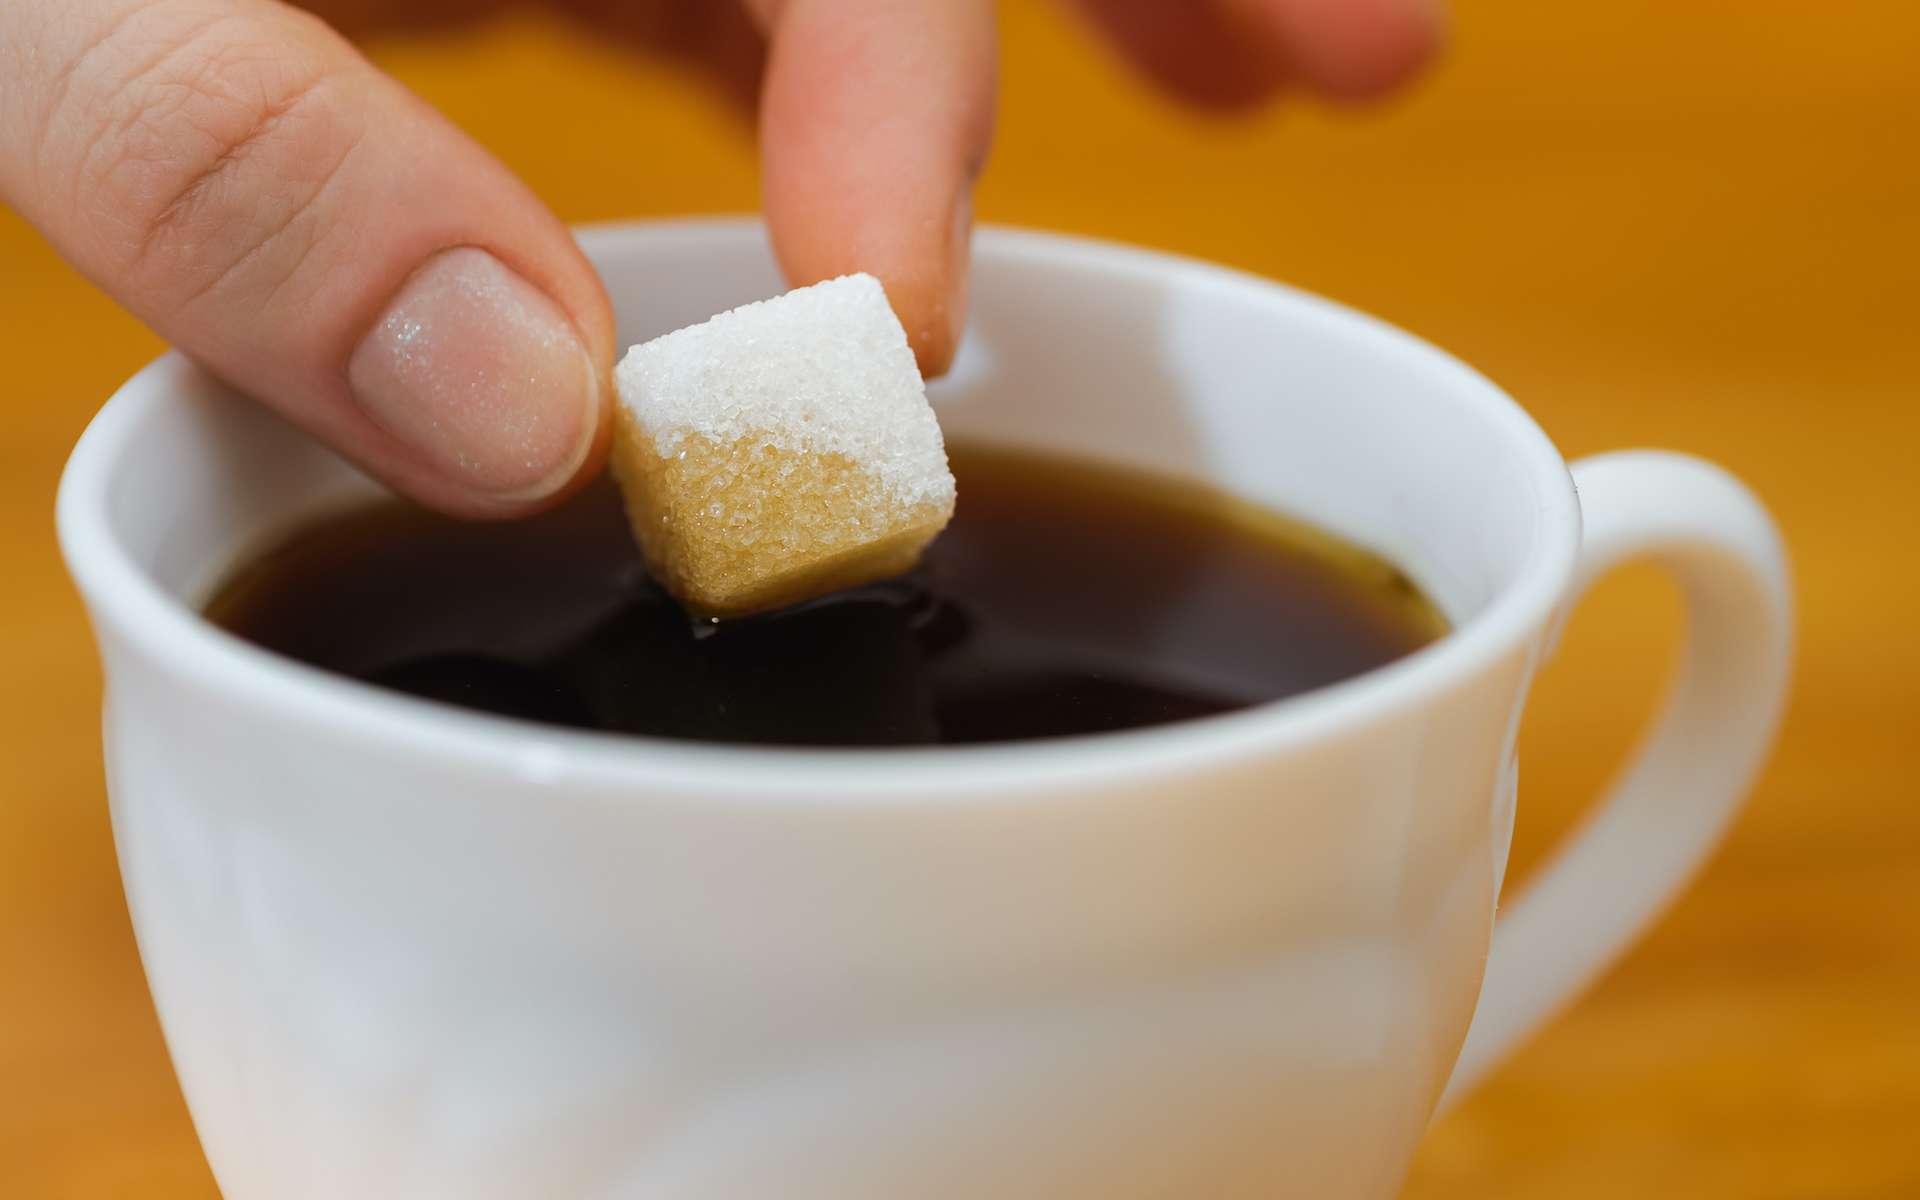 Le sucre de dissout plus vite dans l'eau chaude. © Mikhail Ulyannikov, Adobe Stock